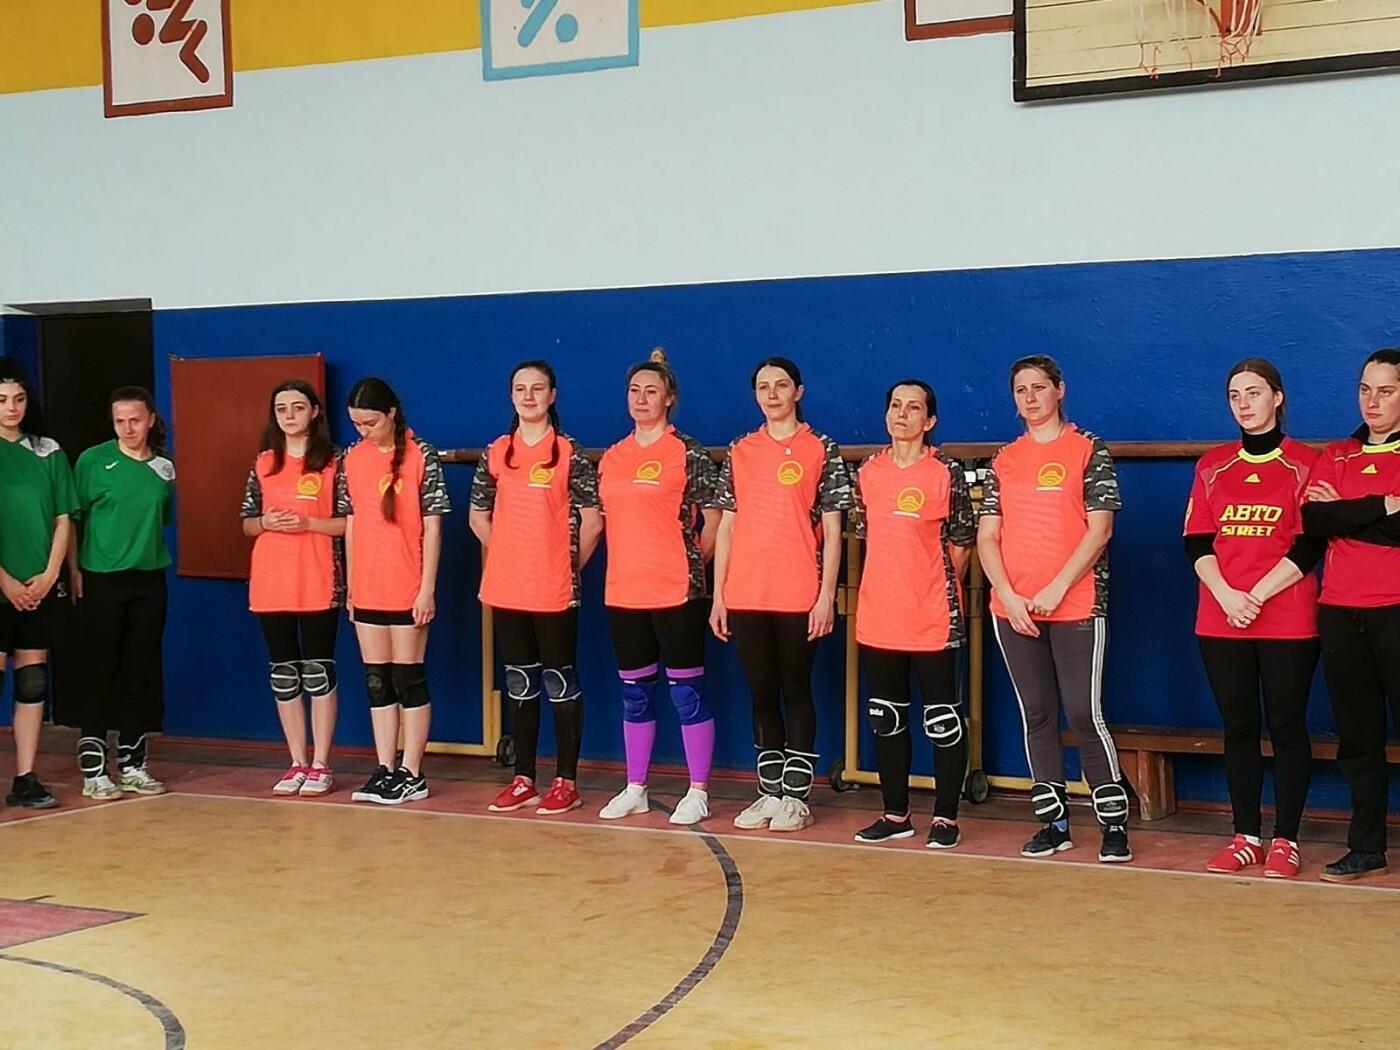 На Кам'янеччині відбулася відкрита першість з волейболу, фото-3, Фото: Староушицька ОТГ